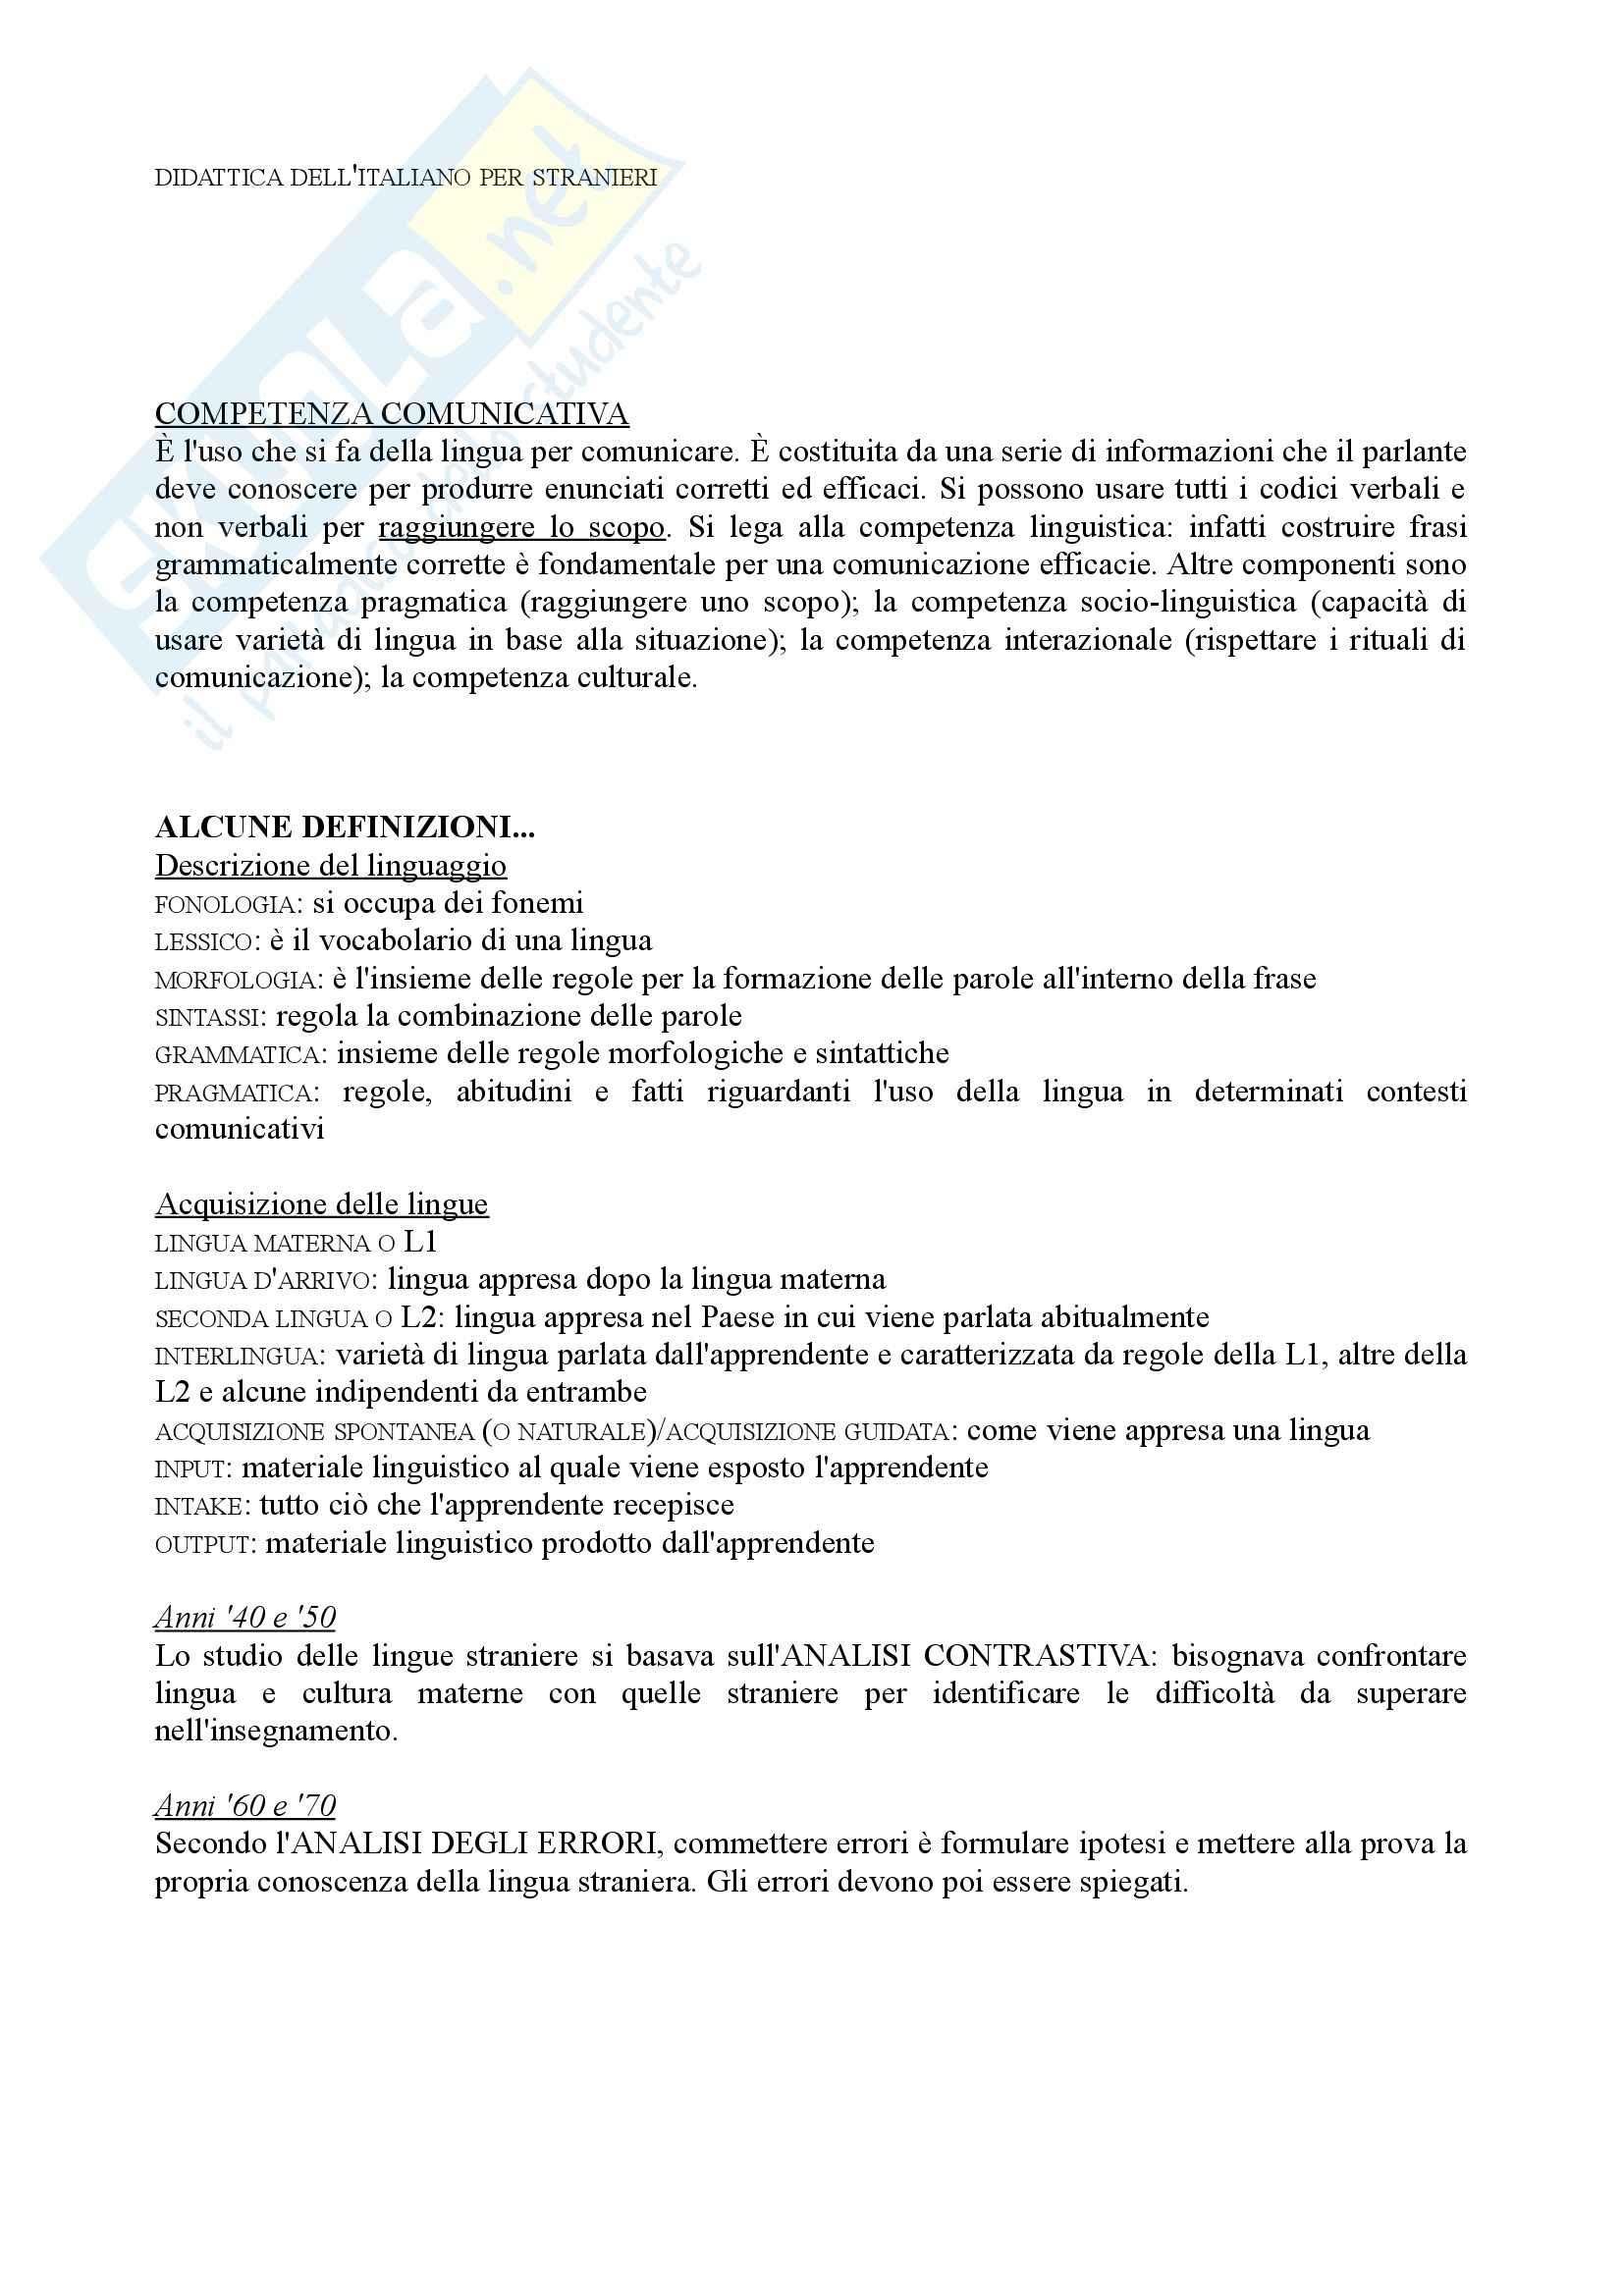 Riassunto esame Didattica dell'italiano per stranieri, prof. Peyronel, libro consigliato La seconda lingua, Pallotti